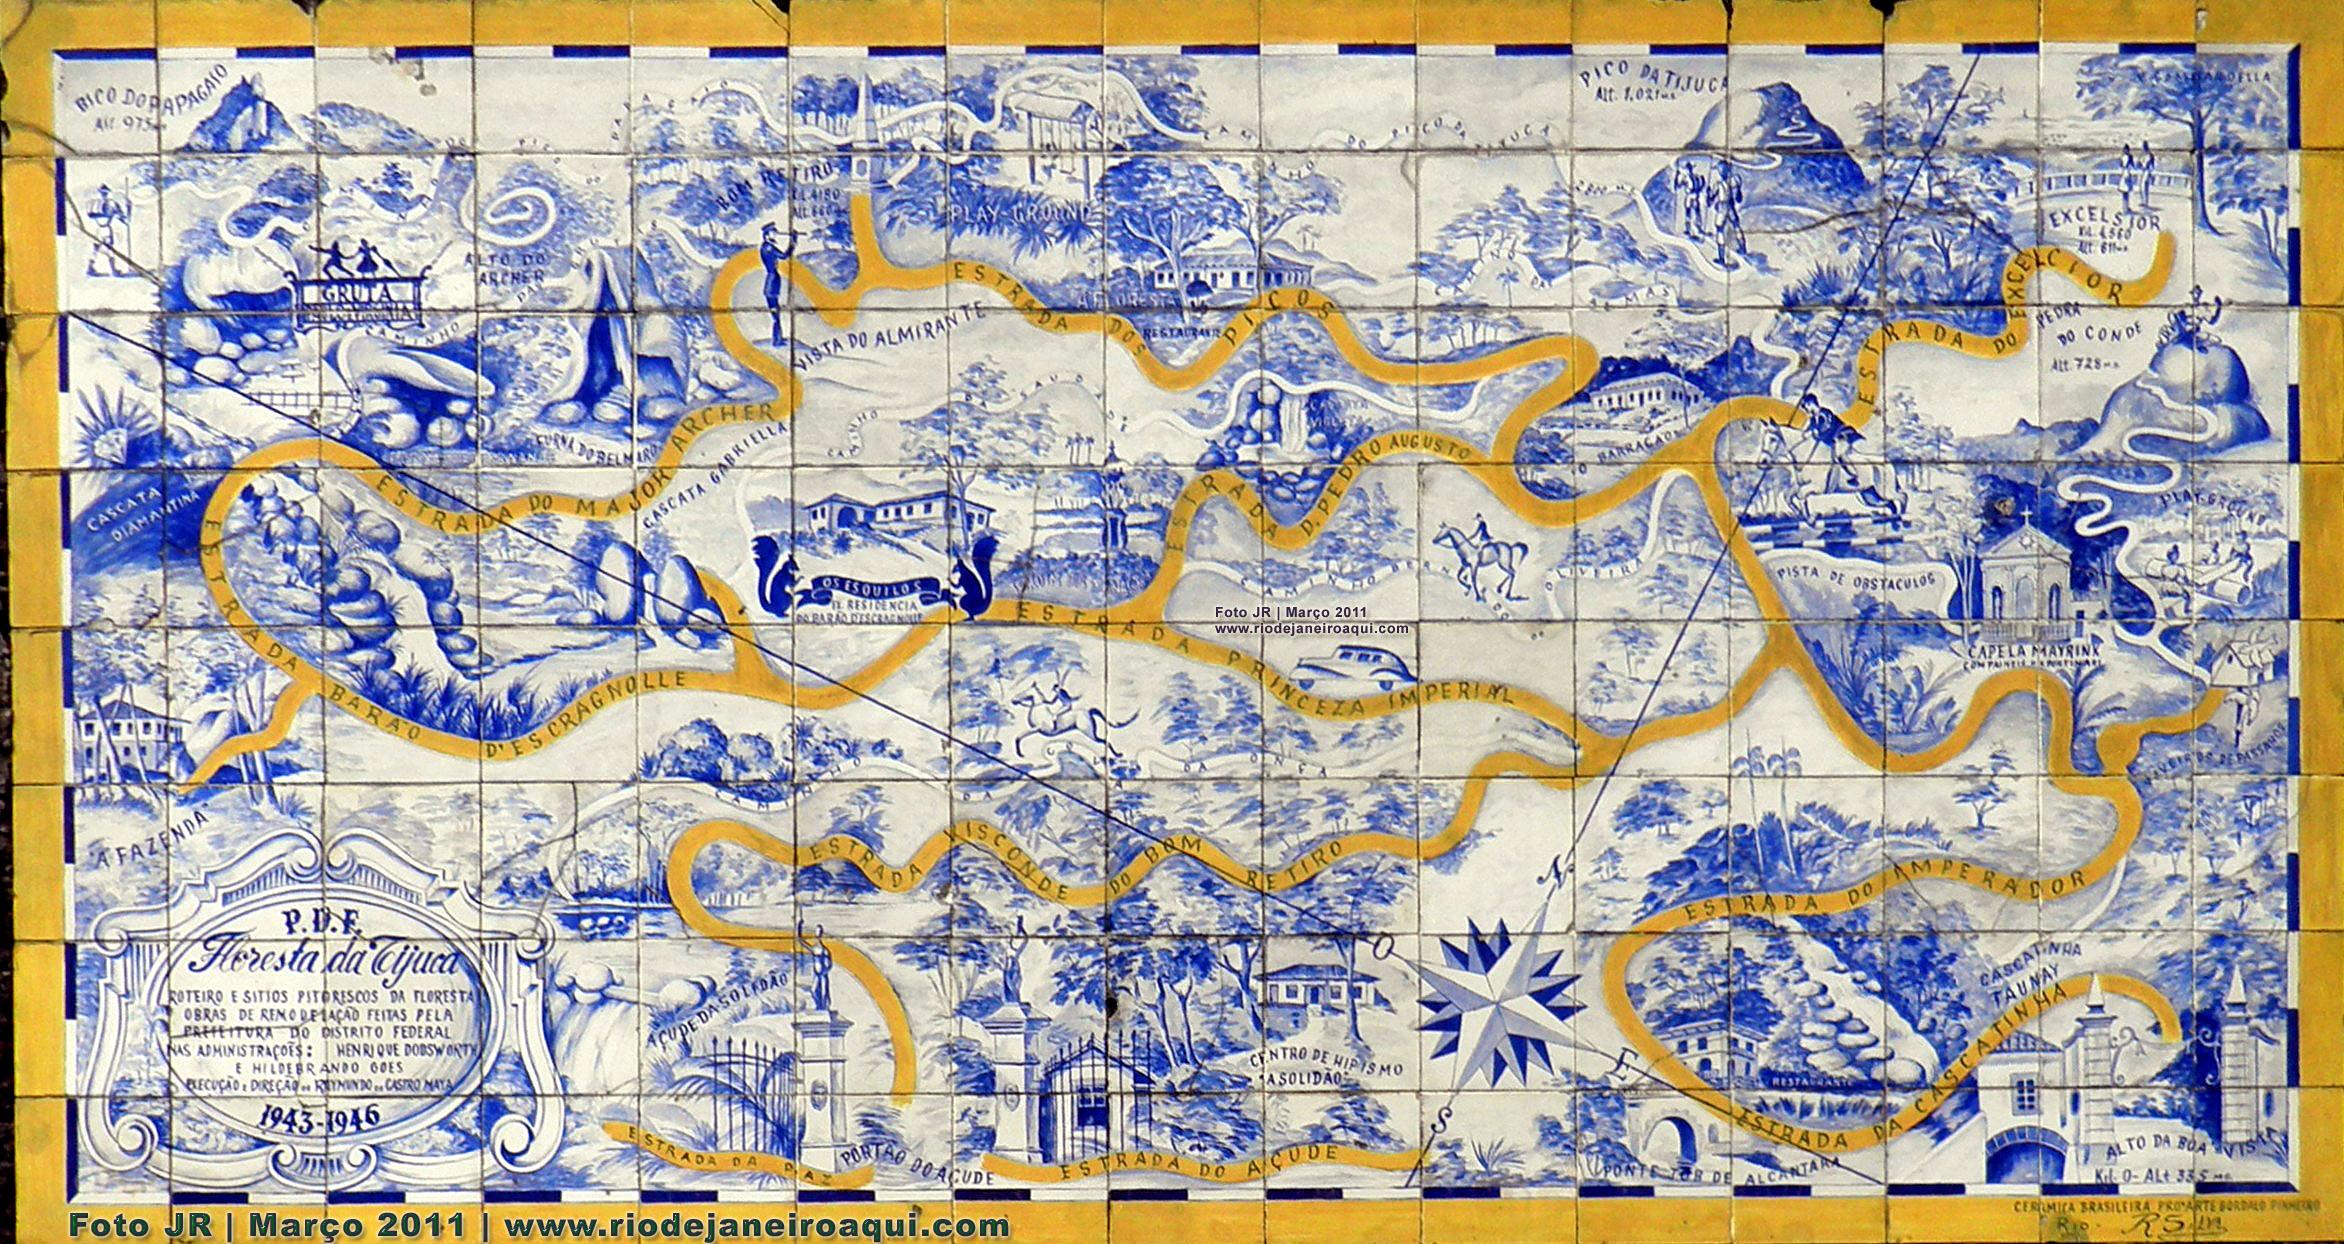 mapa da floresta da tijuca em painel de azulejos rio de